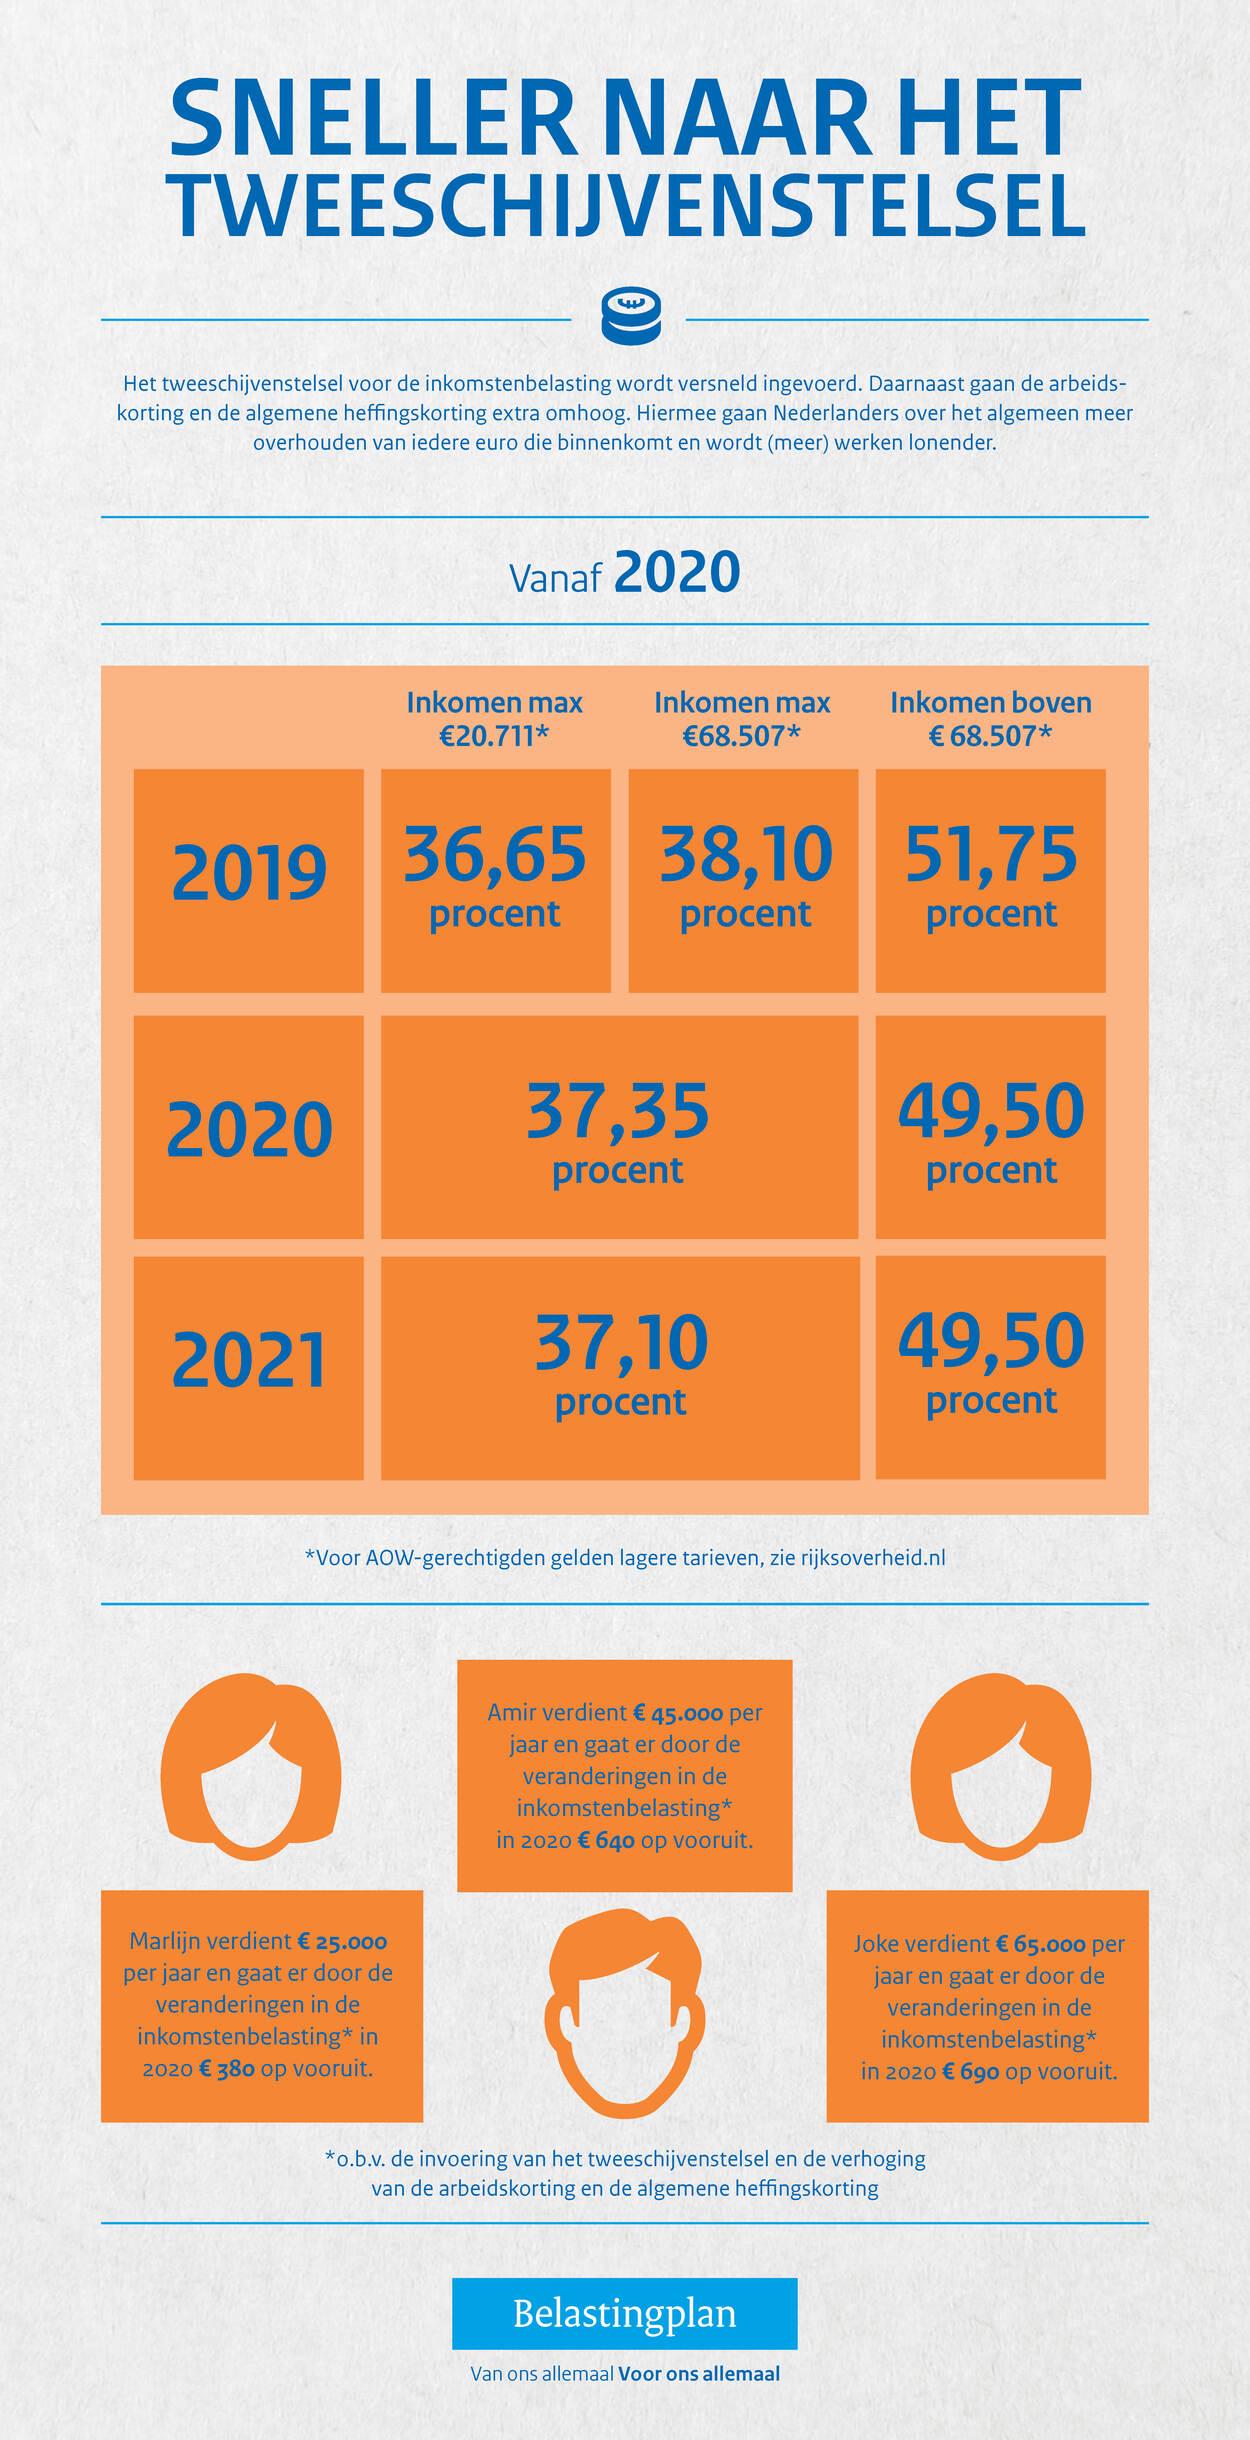 Infographic met uitleg over de invoering van het tweeschijvenstelsel in 2020